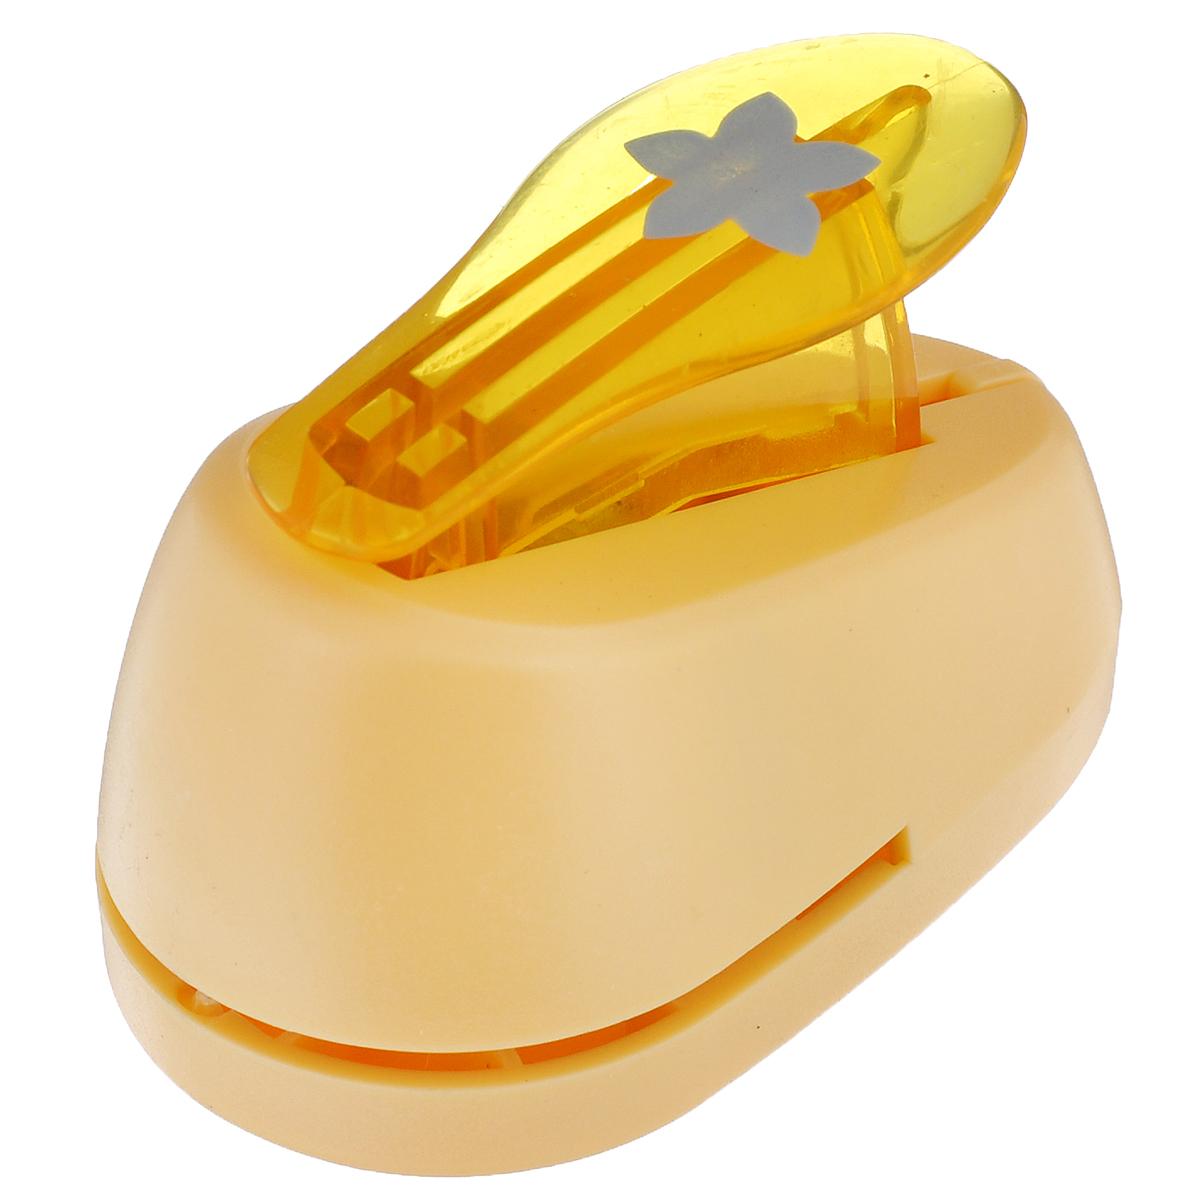 Дырокол фигурный Hobbyboom Цветок, №97, цвет: оранжевый, 1,8 смCD-99S-097_оранжевыйФигурный дырокол Hobbyboom Цветок предназначен для создания творческих работ в технике скрапбукинг. С его помощью можно оригинально оформить открытки, украсить подарочные коробки, конверты, фотоальбомы.Дырокол вырезает из бумаги идеально ровный цветок. Используется для прорезания фигурных отверстий в бумаге. Вырезанный элемент также можно использовать для украшения.Предназначен для бумаги определенной плотности - до 140 г/м2. При применении на бумаге большей плотности или на картоне дырокол быстро затупится. Чтобы заточить нож компостера, нужно прокомпостировать самую тонкую наждачку. Чтобы смазать режущий механизм - парафинированную бумагу.Порядок работы: вставьте лист бумаги или картона в дырокол и надавите рычаг.Диаметр вырезаемой части: 1,8 см.